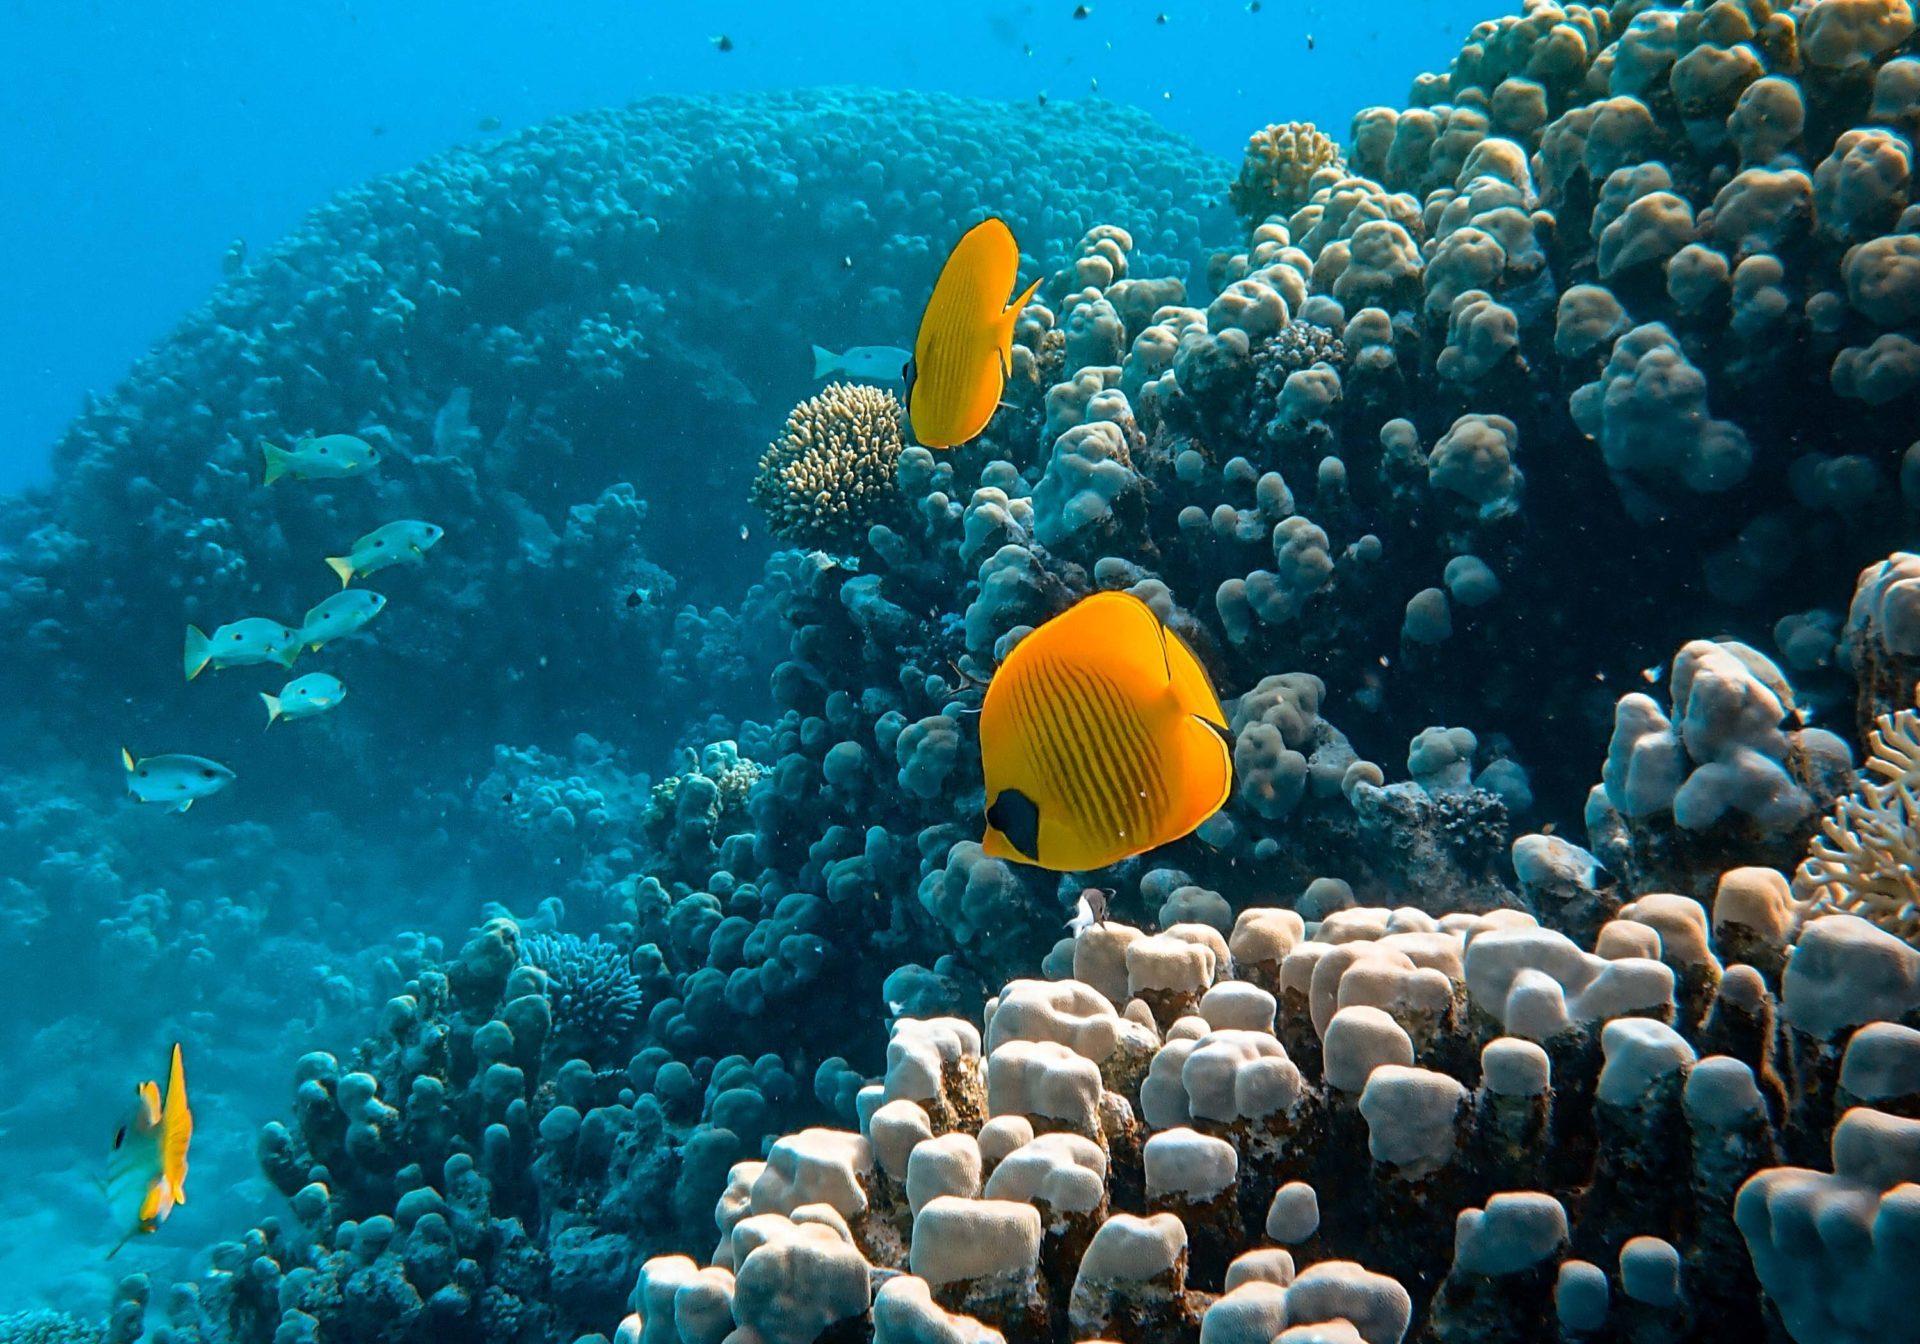 Positive Ocean Angelfish